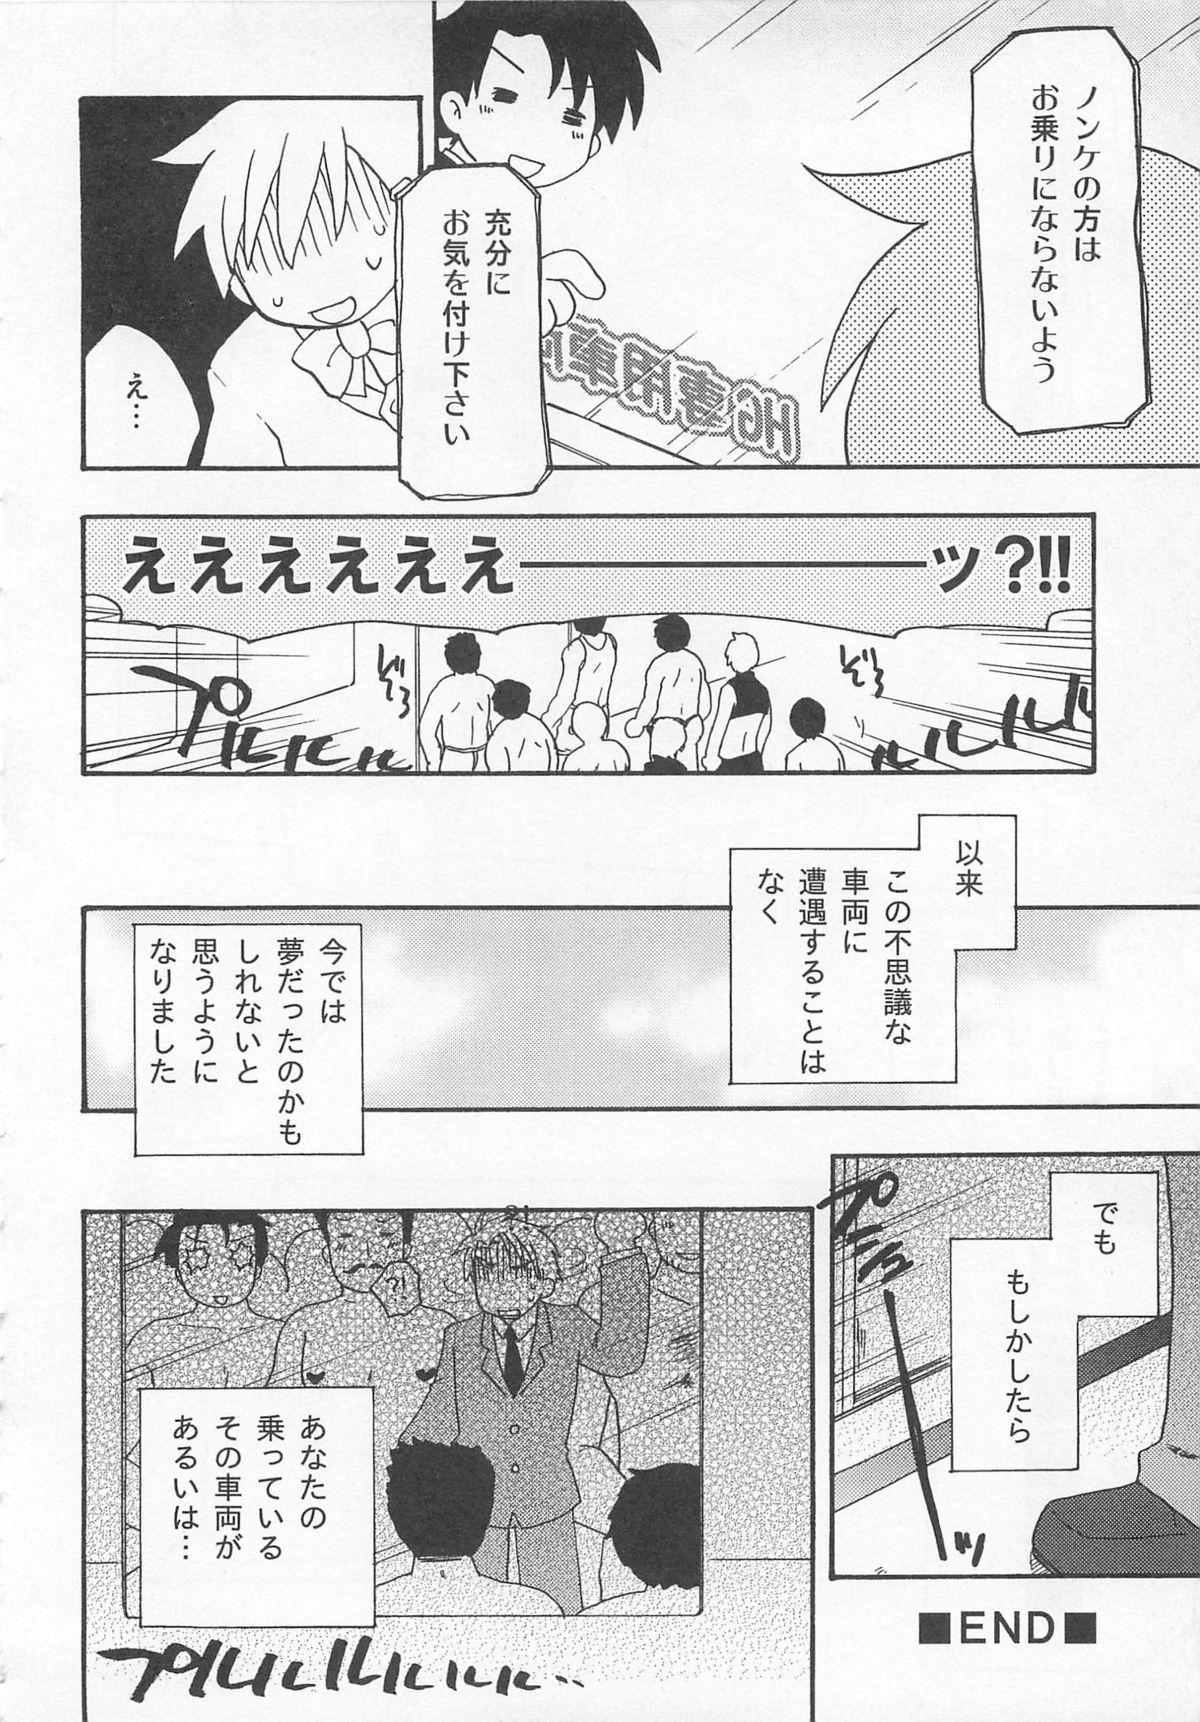 Otokonoko HEAVEN Vol. 01 Meganekko 106